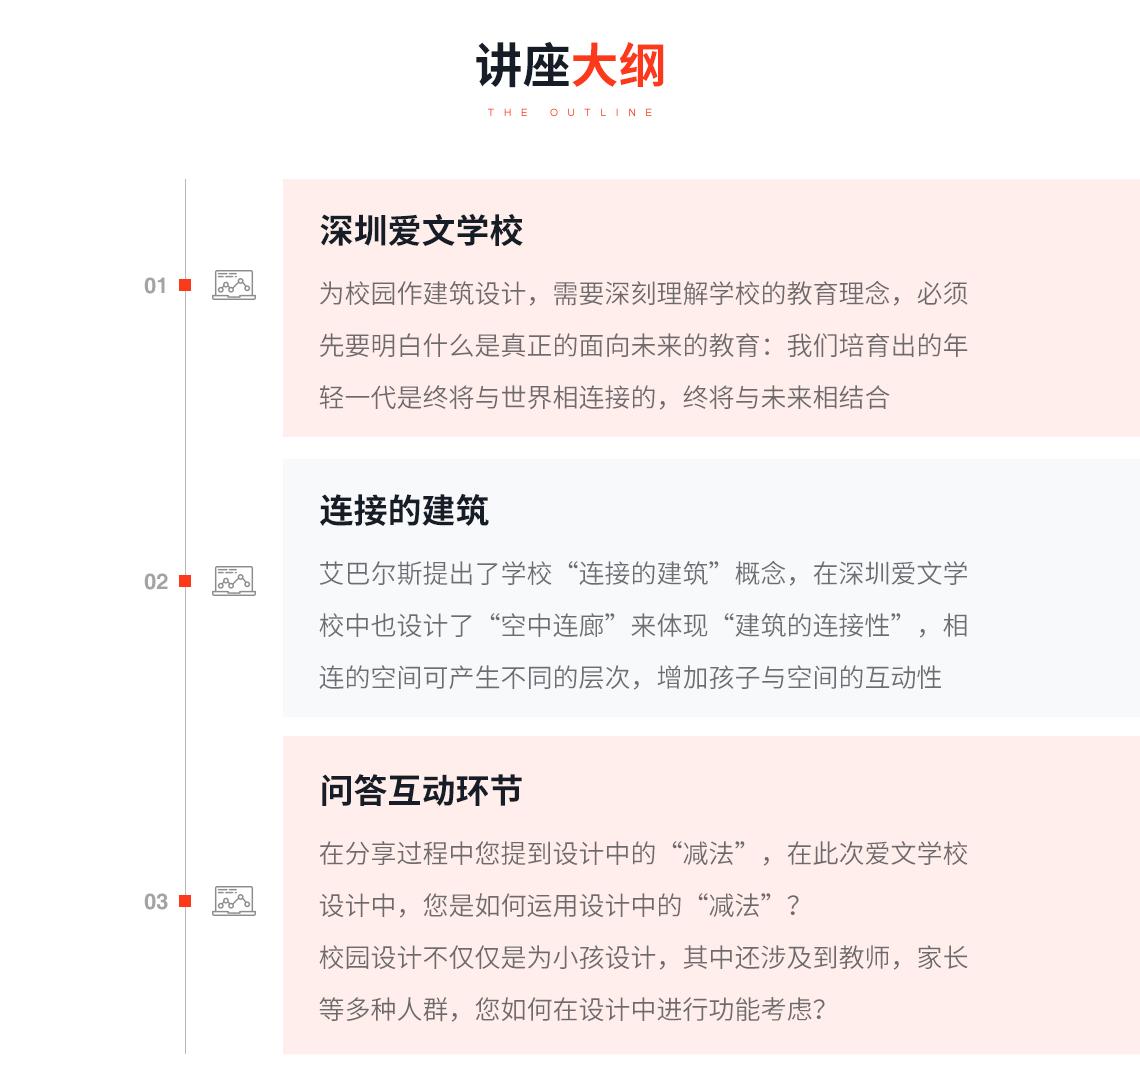 深圳爱文学校简述